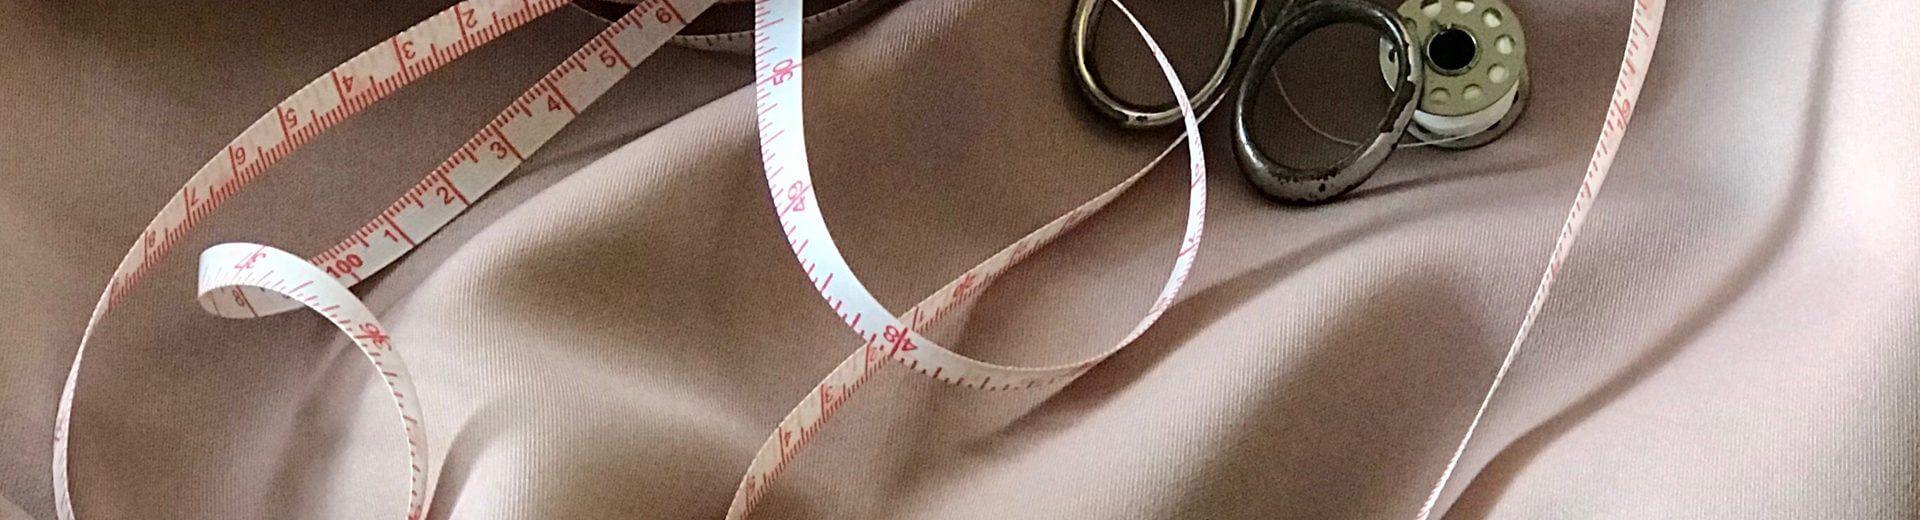 L'ARMOIRE SANS FIN - Troc & ateliers textiles ° Mode circulaire